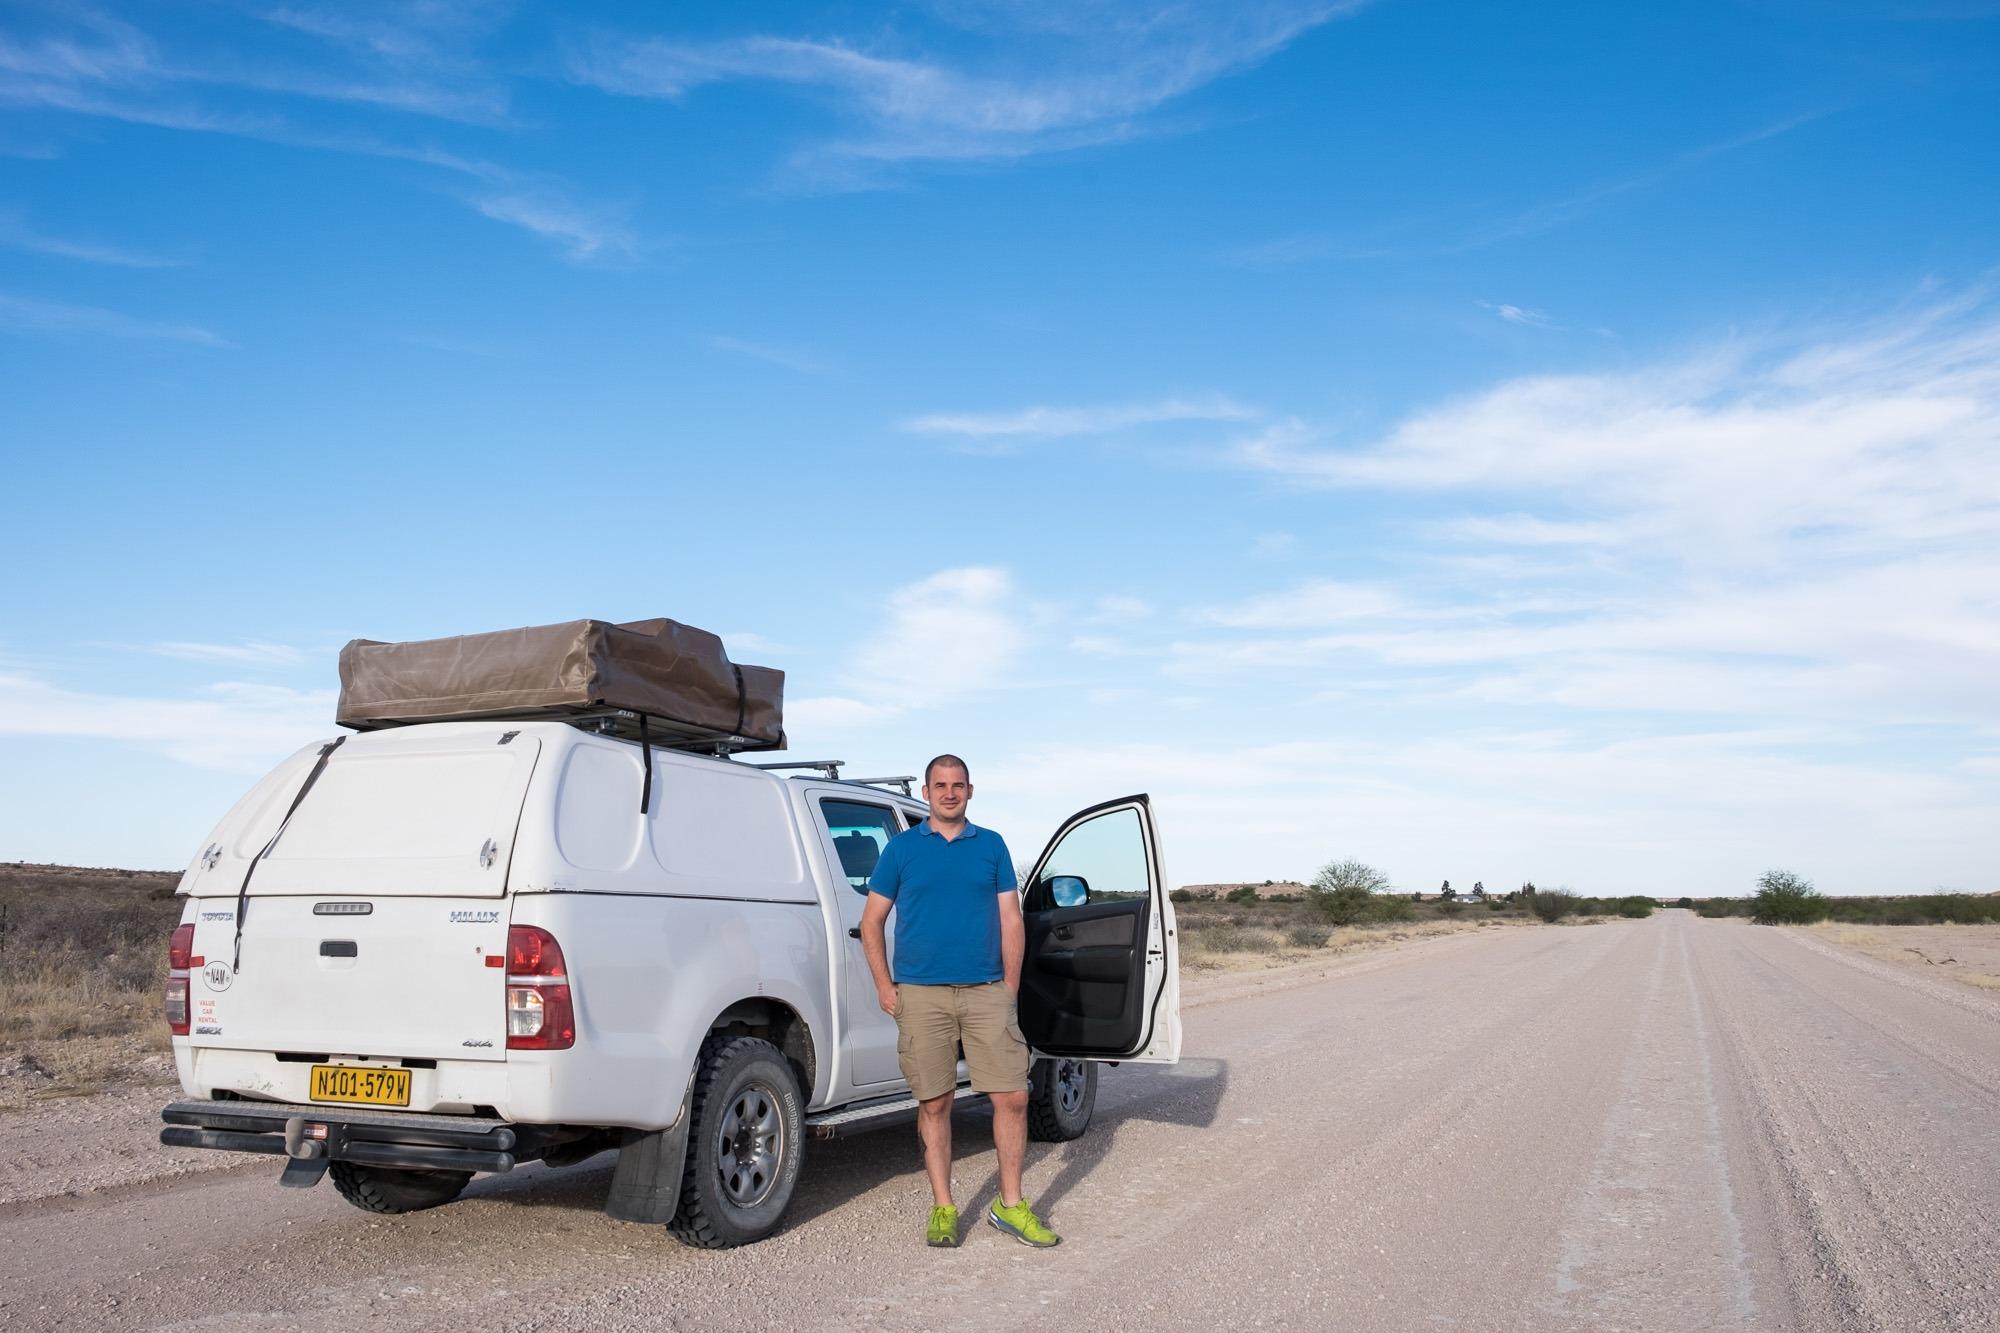 Toyata Hillux mit Mann auf Schotterpiste in Namibia